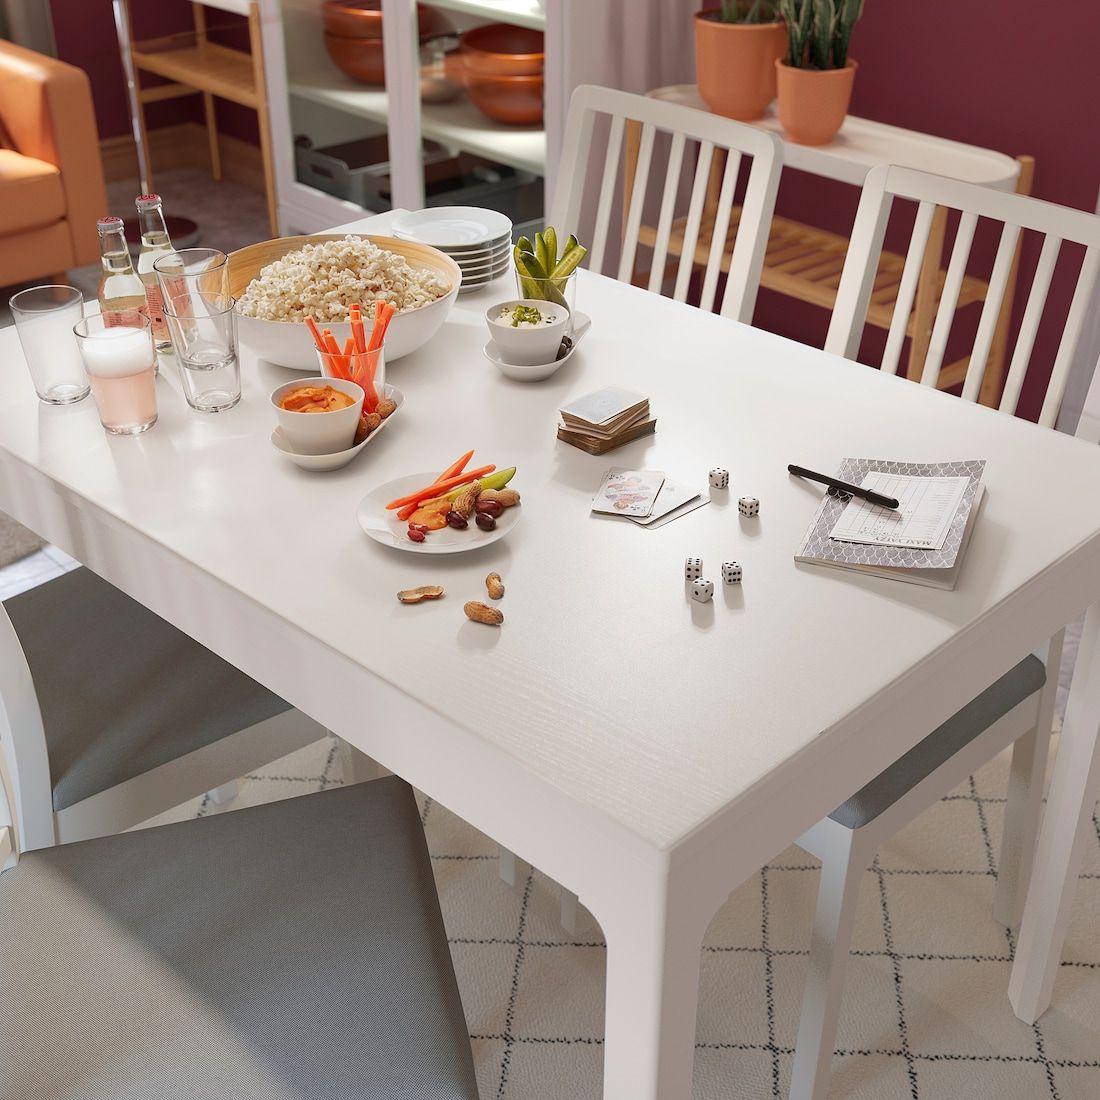 Ekedalen Tavolo Allungabile Bianco Leggi I Dettagli Del Prodotto Clicca Qui Ikea It Tavolo Allungabile Ristrutturazione Cucina Tavolo